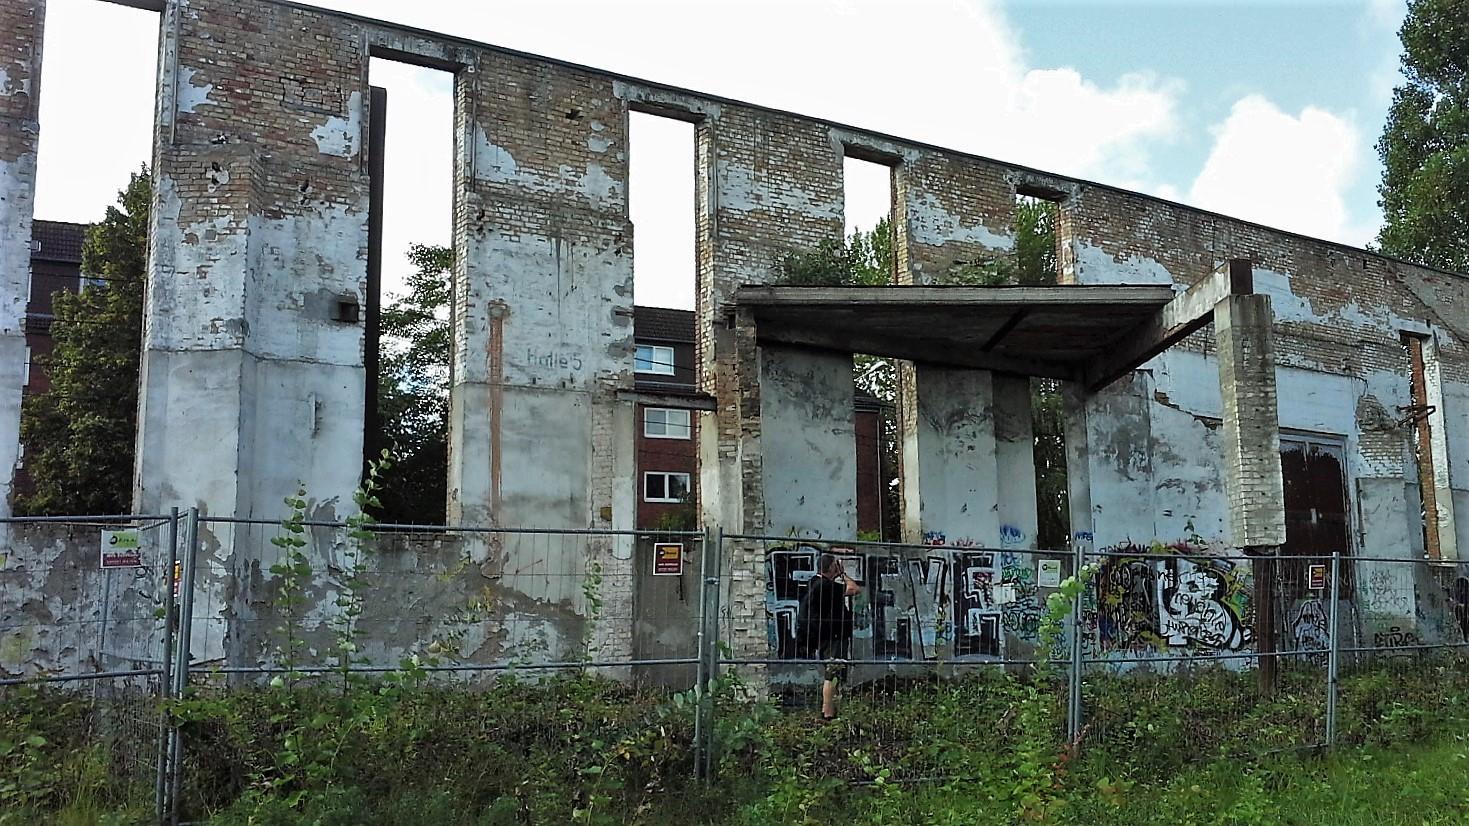 Fabbrica Heinkel Rostock